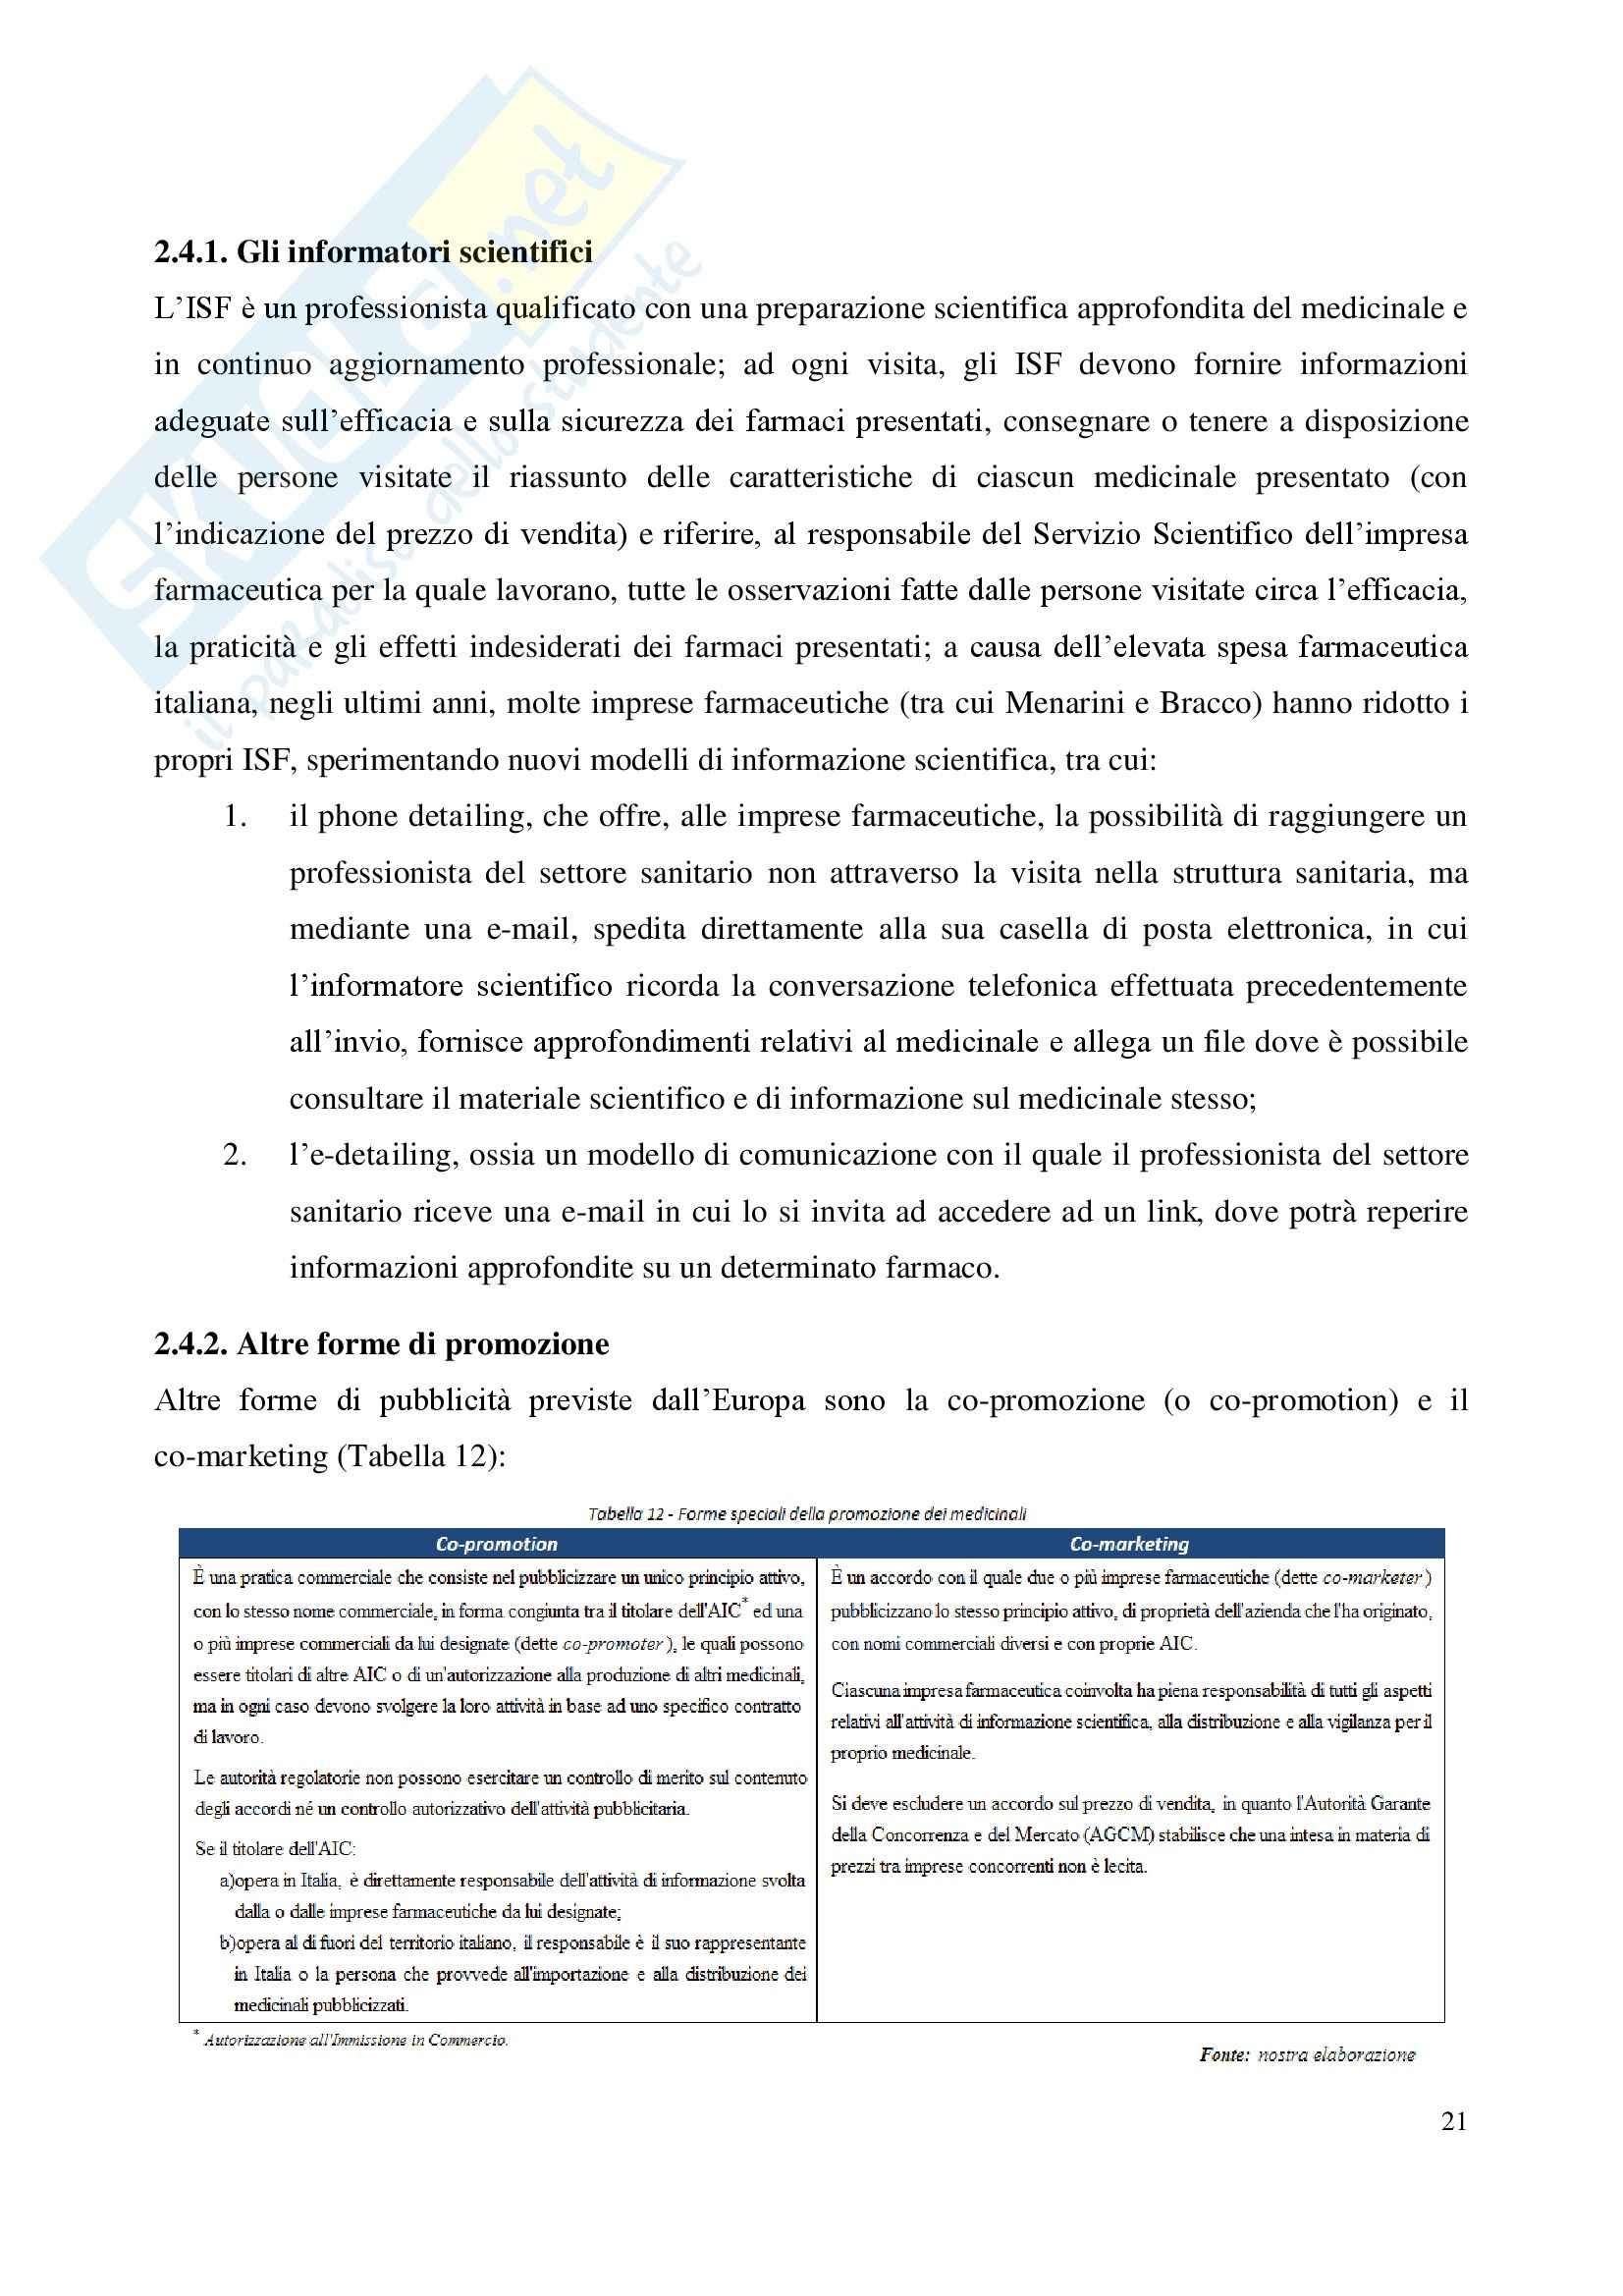 Tesi - Il lancio di nuovi prodotti nel mercato pharma Pag. 21